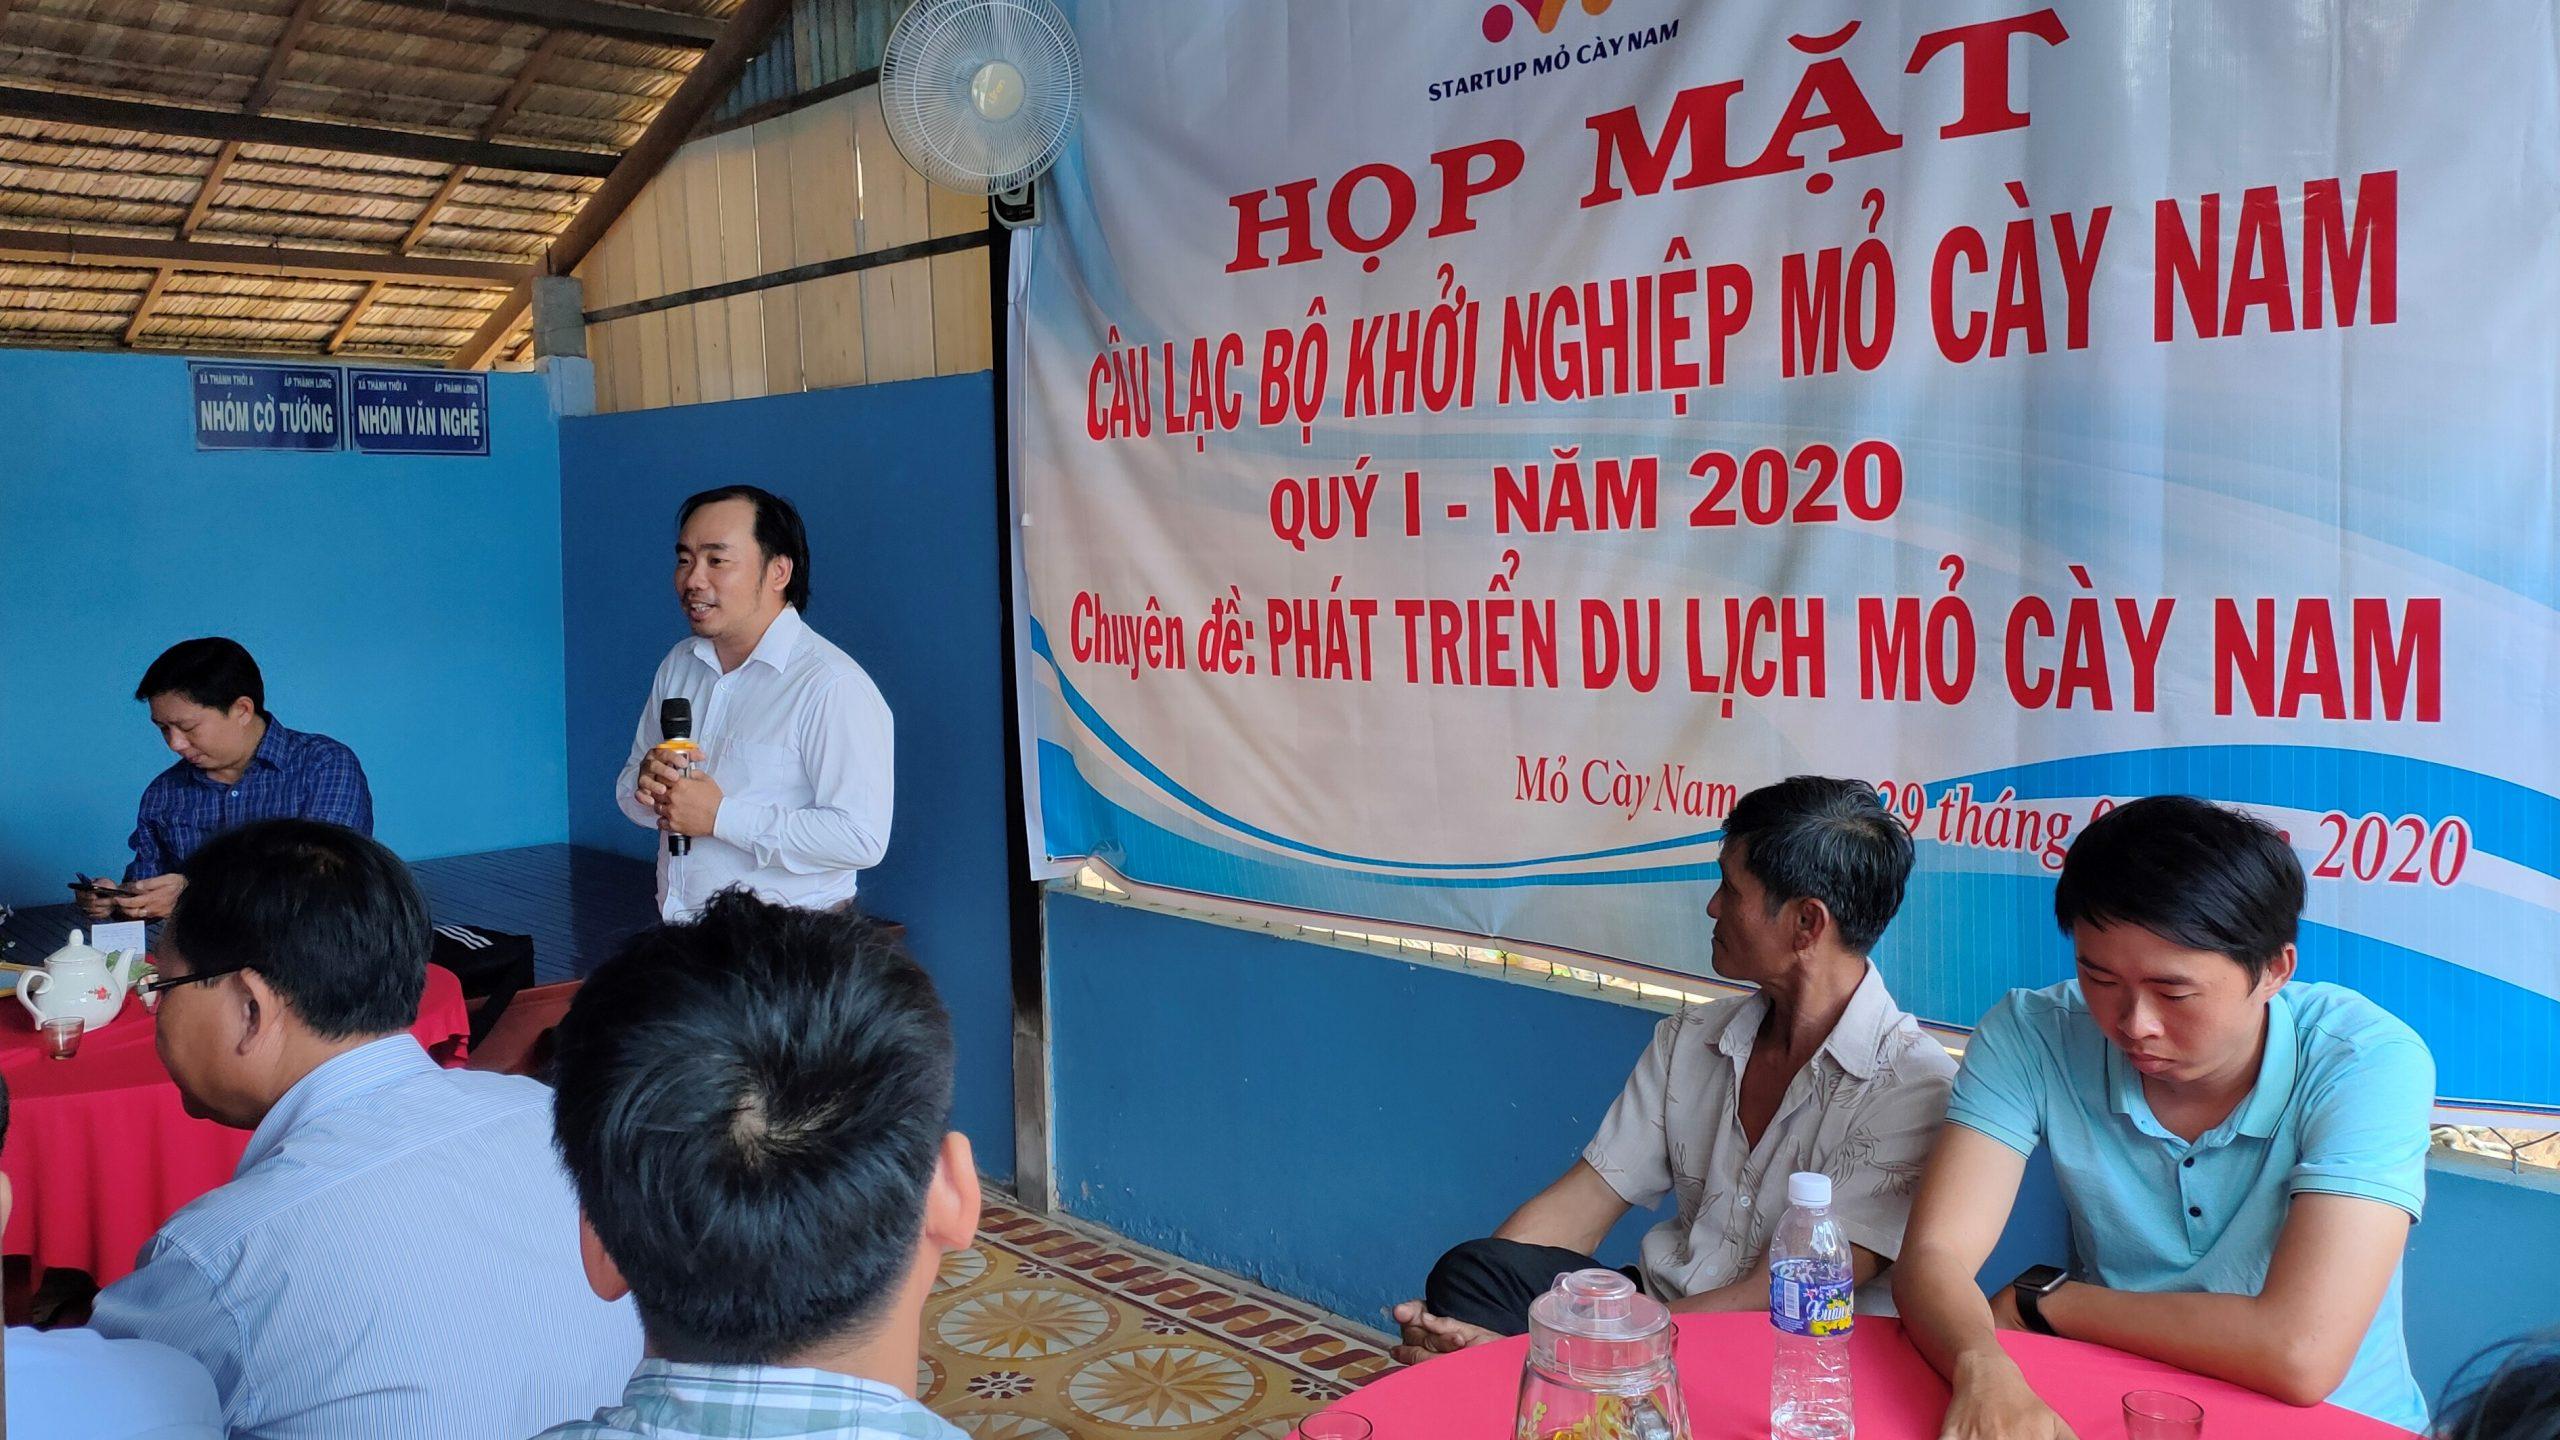 Phát triển du lịch huyện Mỏ Cày Nam